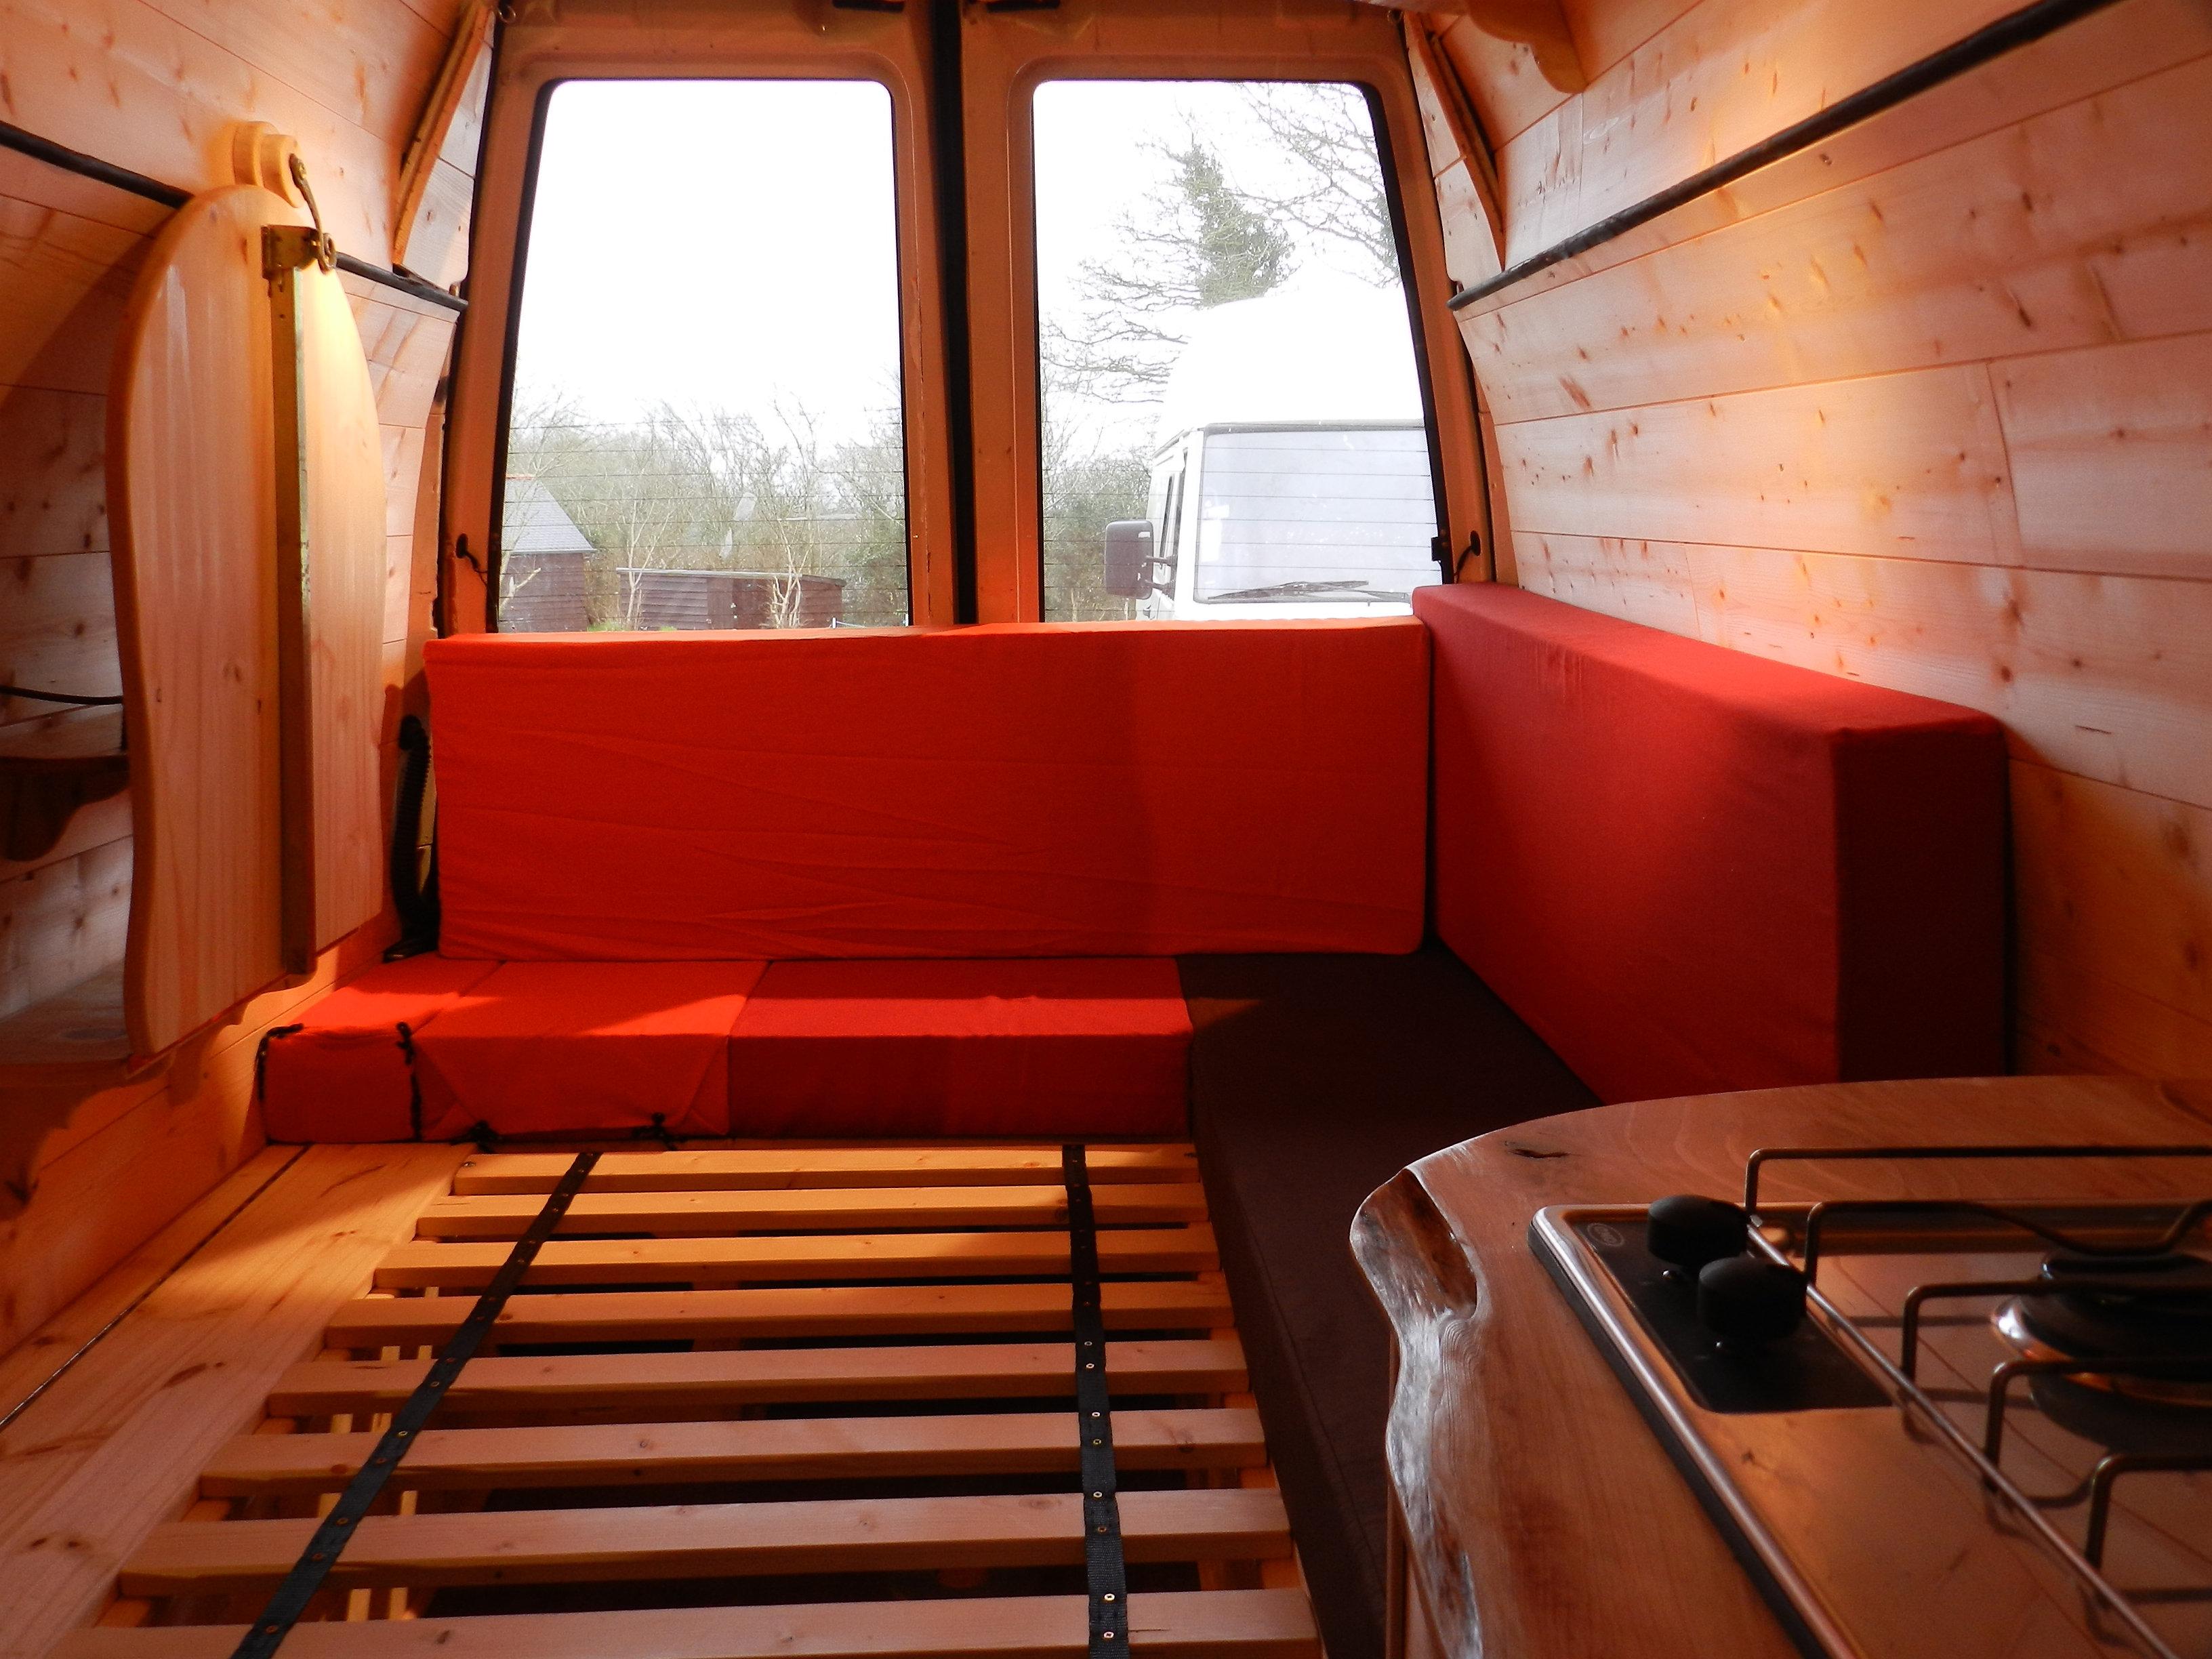 am nagement camion. Black Bedroom Furniture Sets. Home Design Ideas